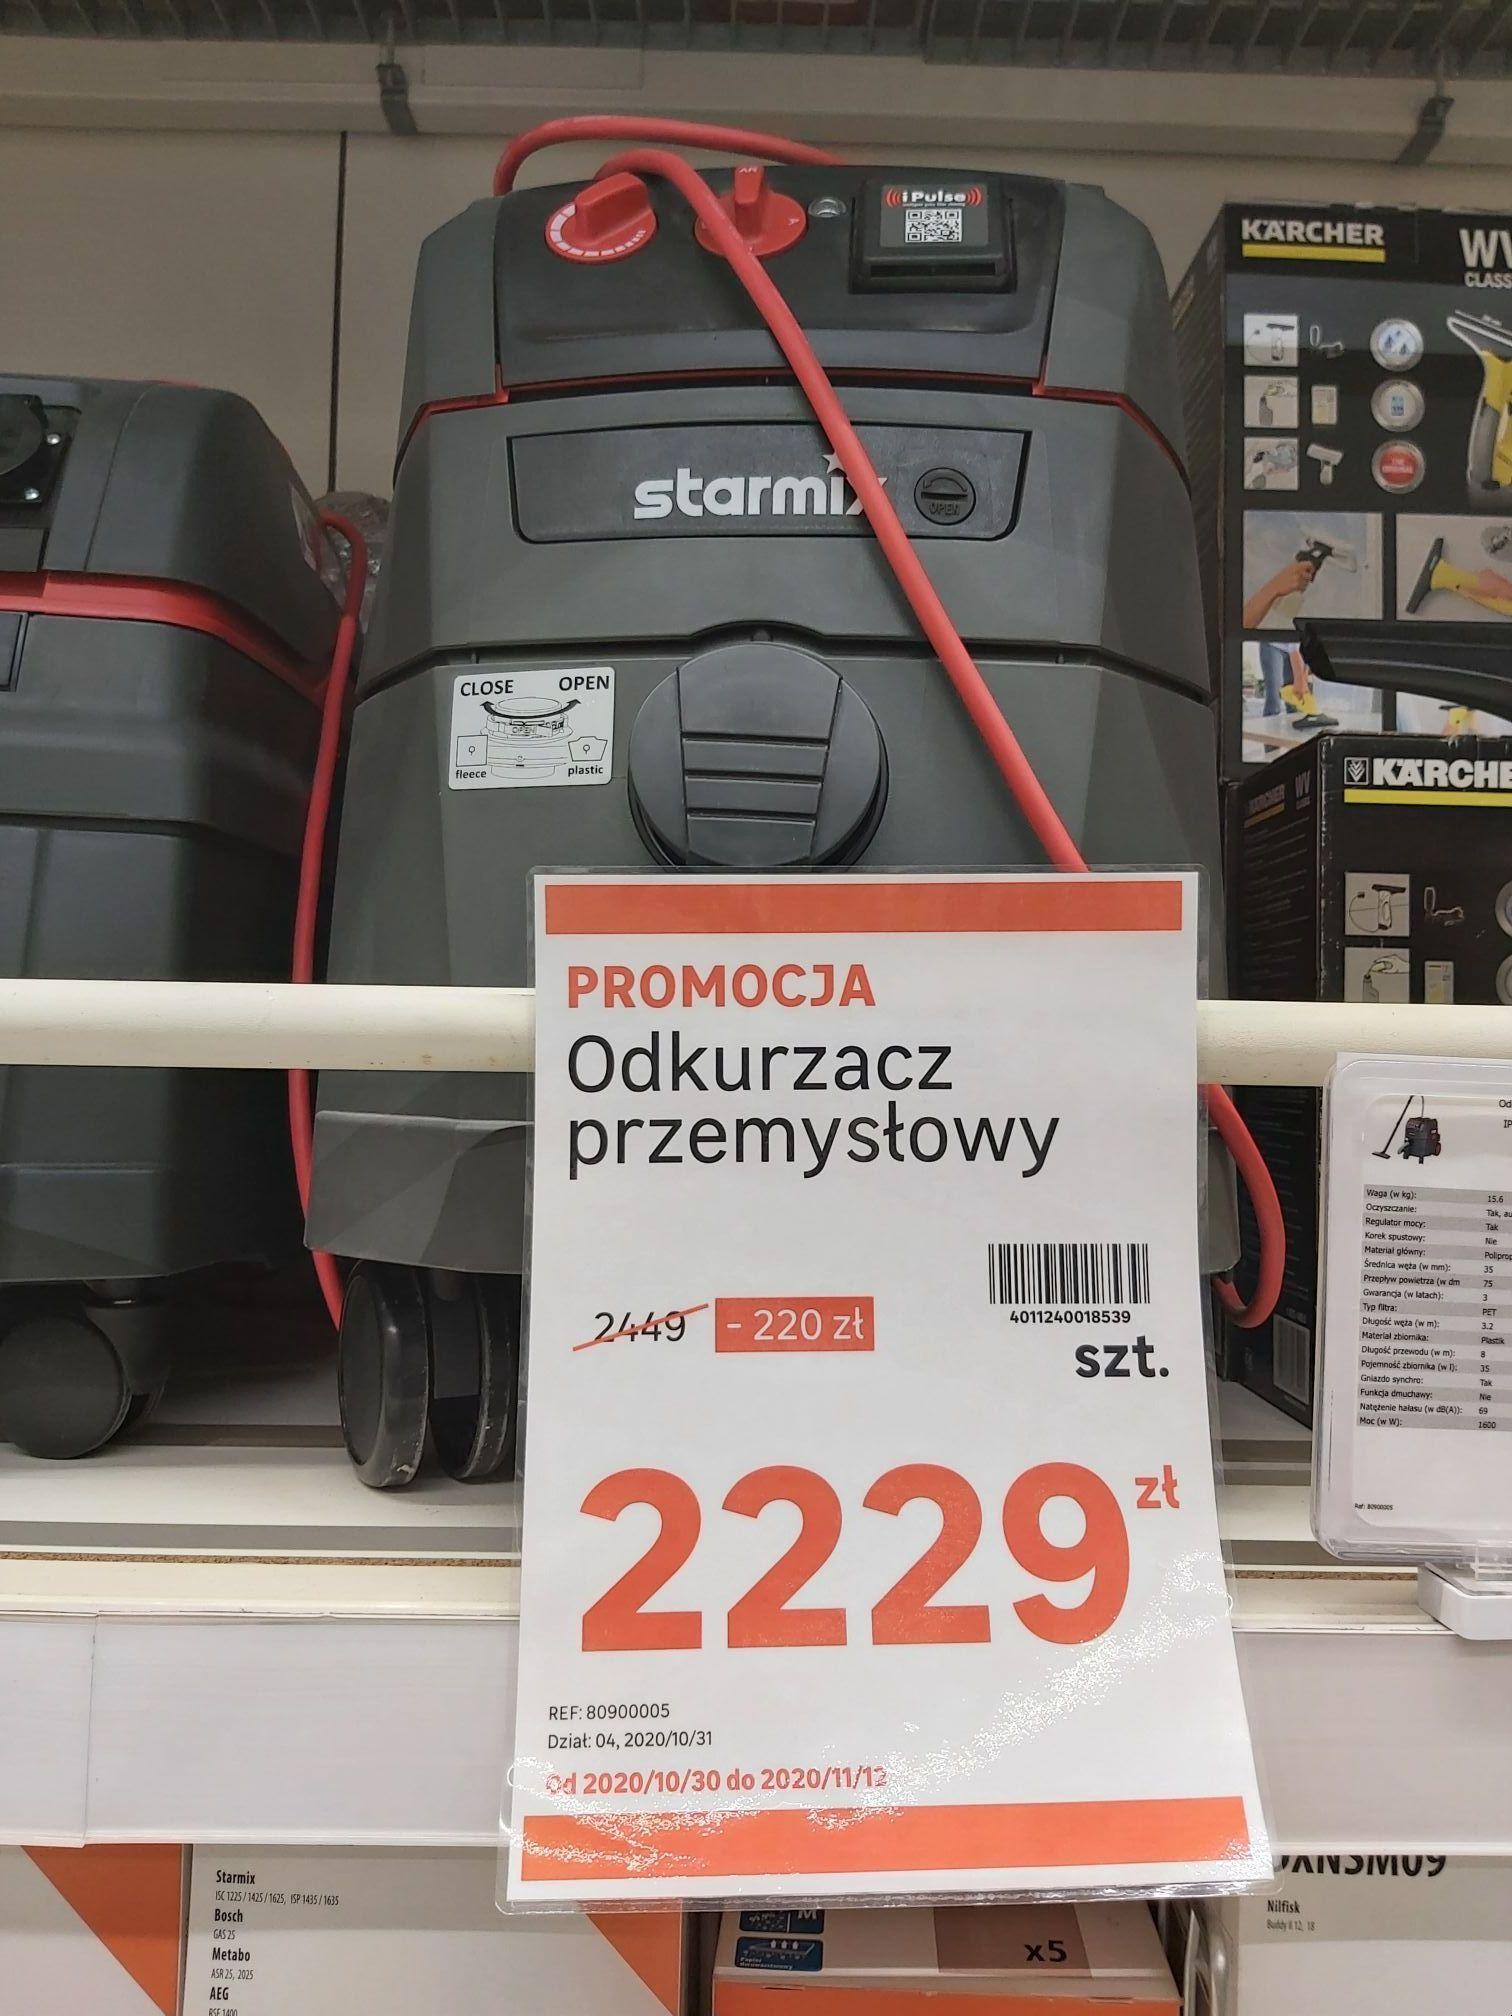 317958-EvOky.jpg